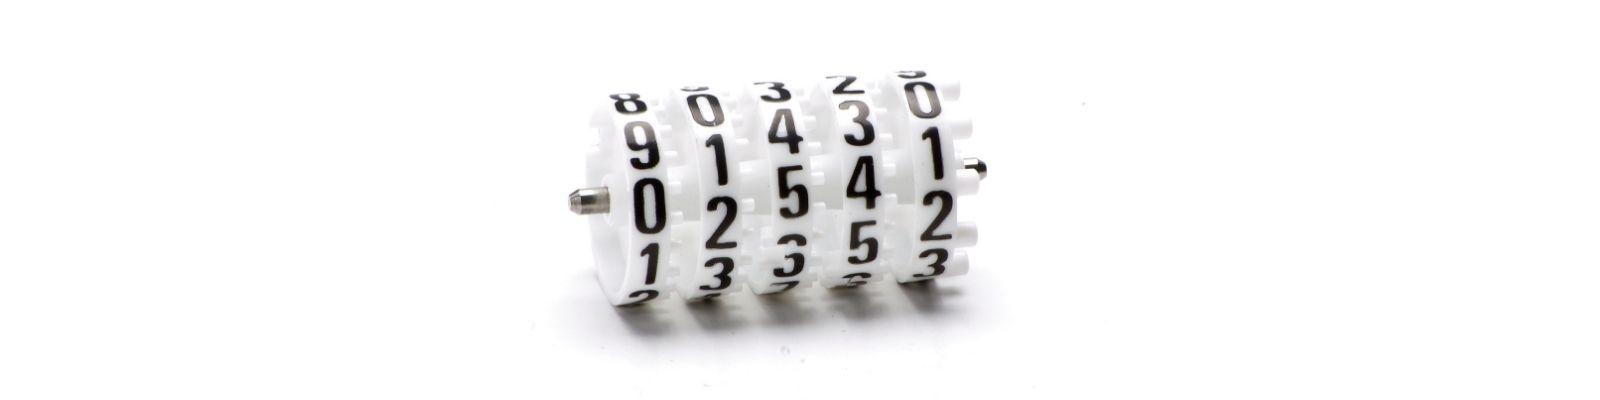 No-Code: El secreto para validar modelos de negocio de manera rápida y eficaz